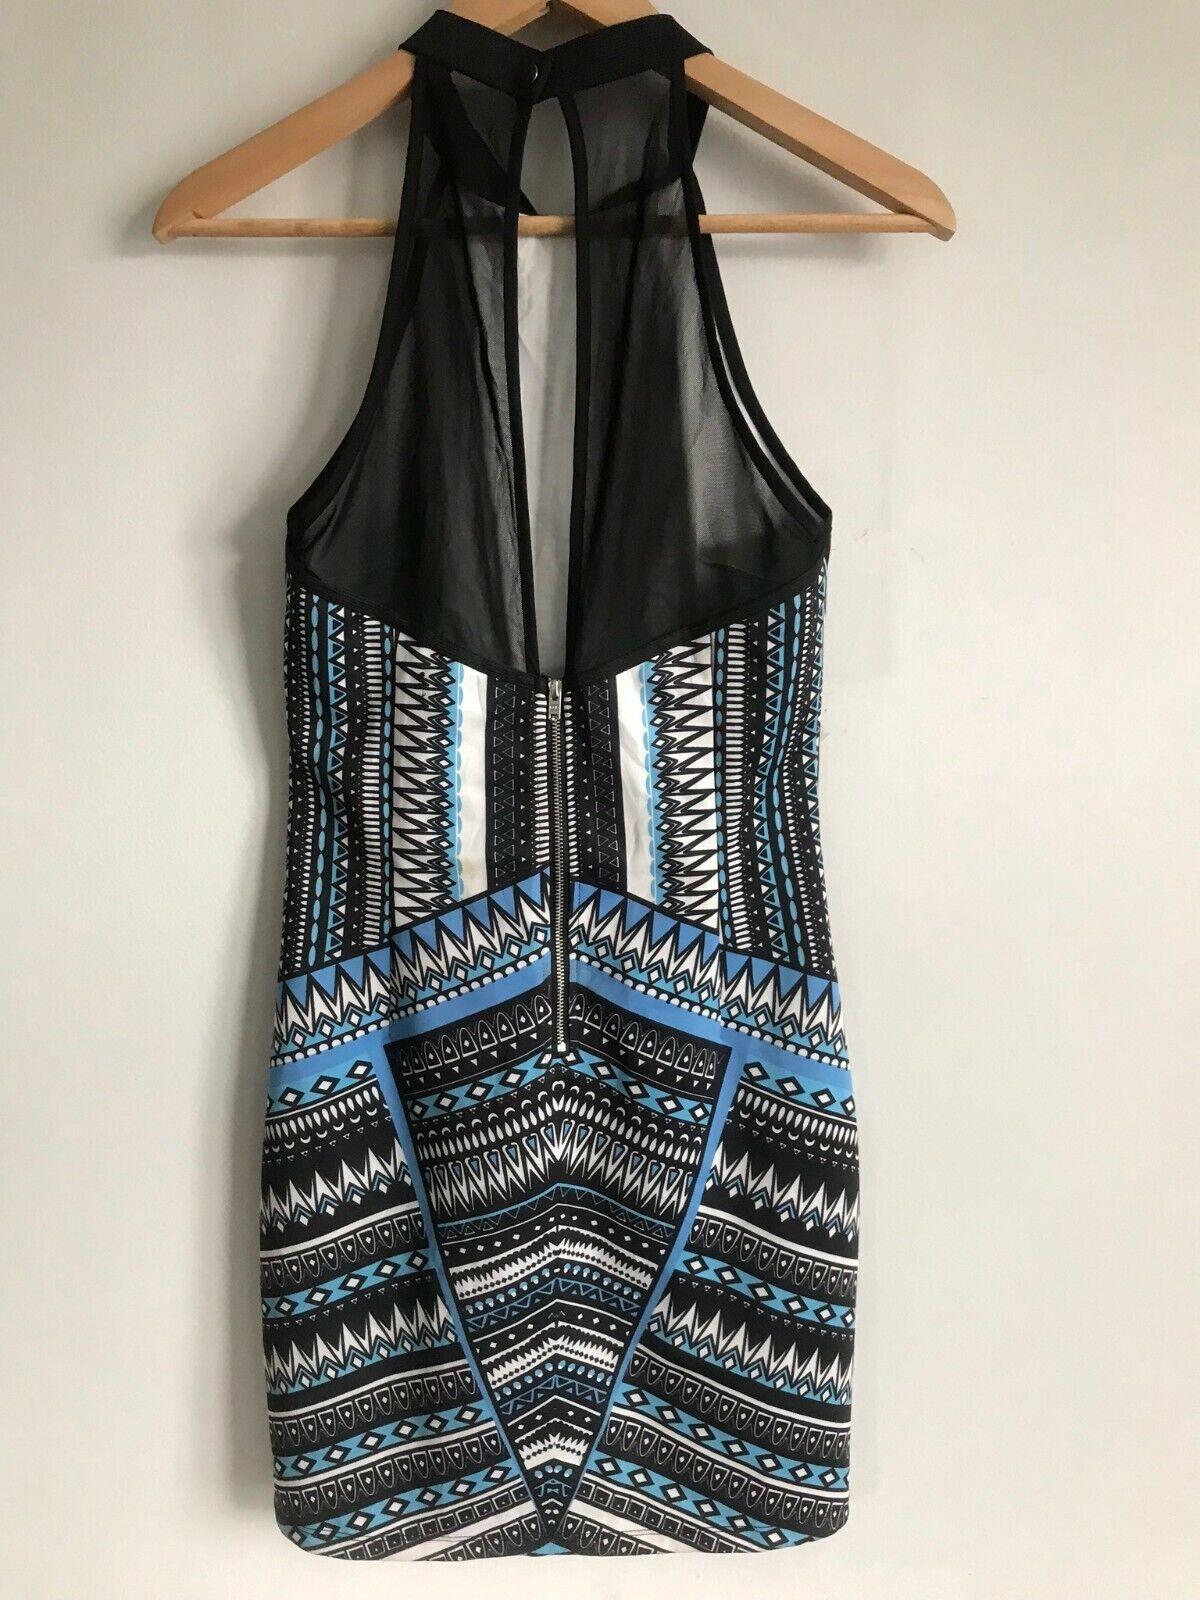 Dotti Mini Short Dress Multi-Color Aztec Print Ro… - image 5